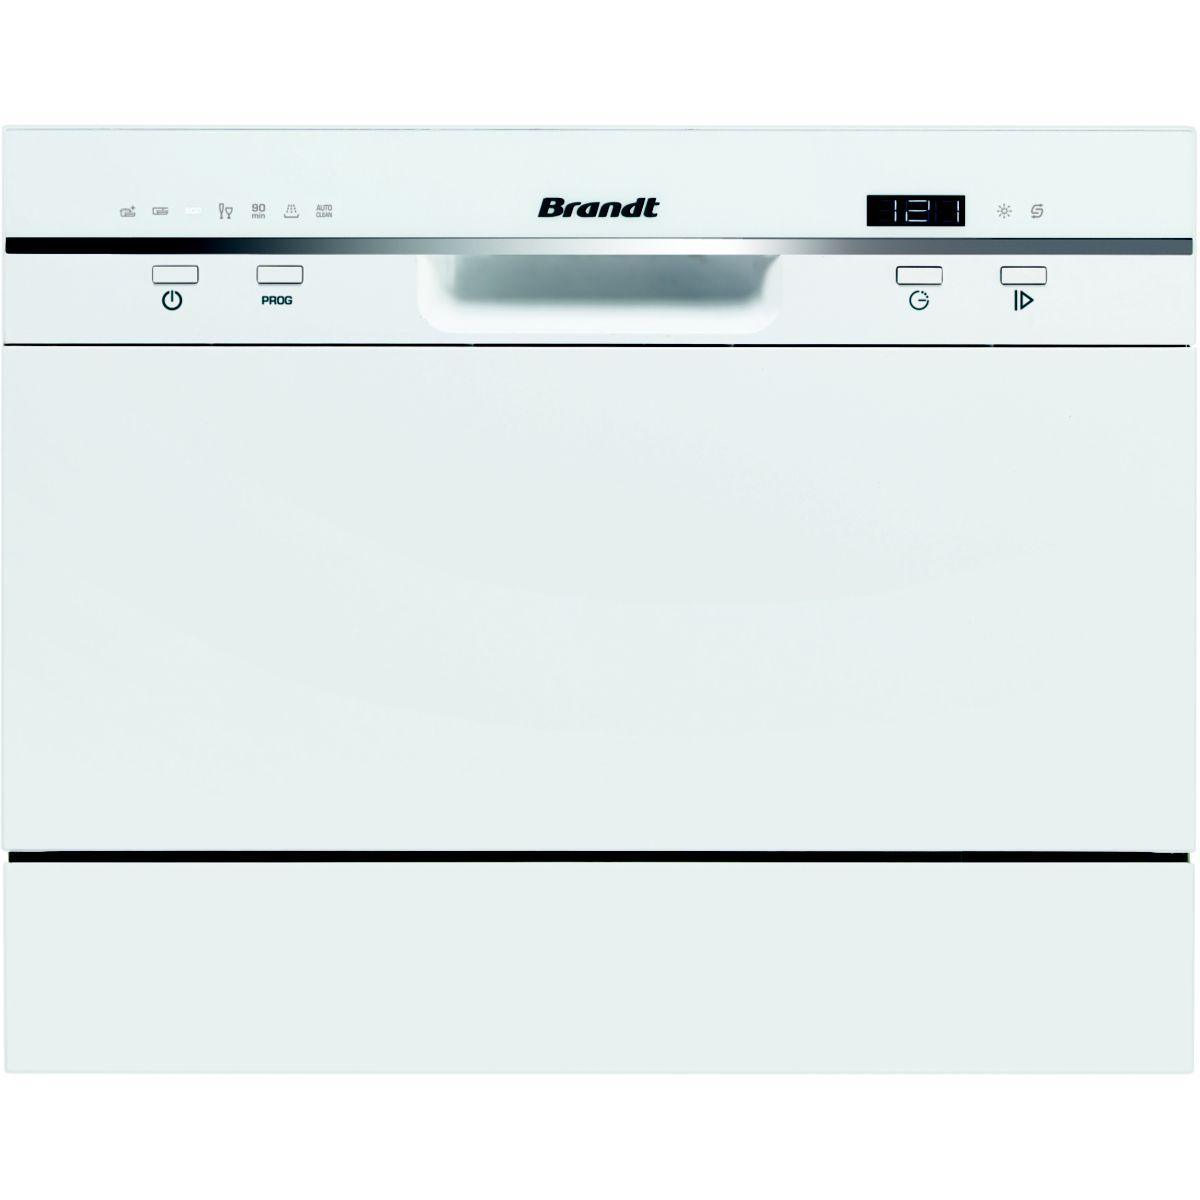 Lave-vaisselle 45cm brandt dfc6519w blc - 5% de remise : code gam5 (photo)